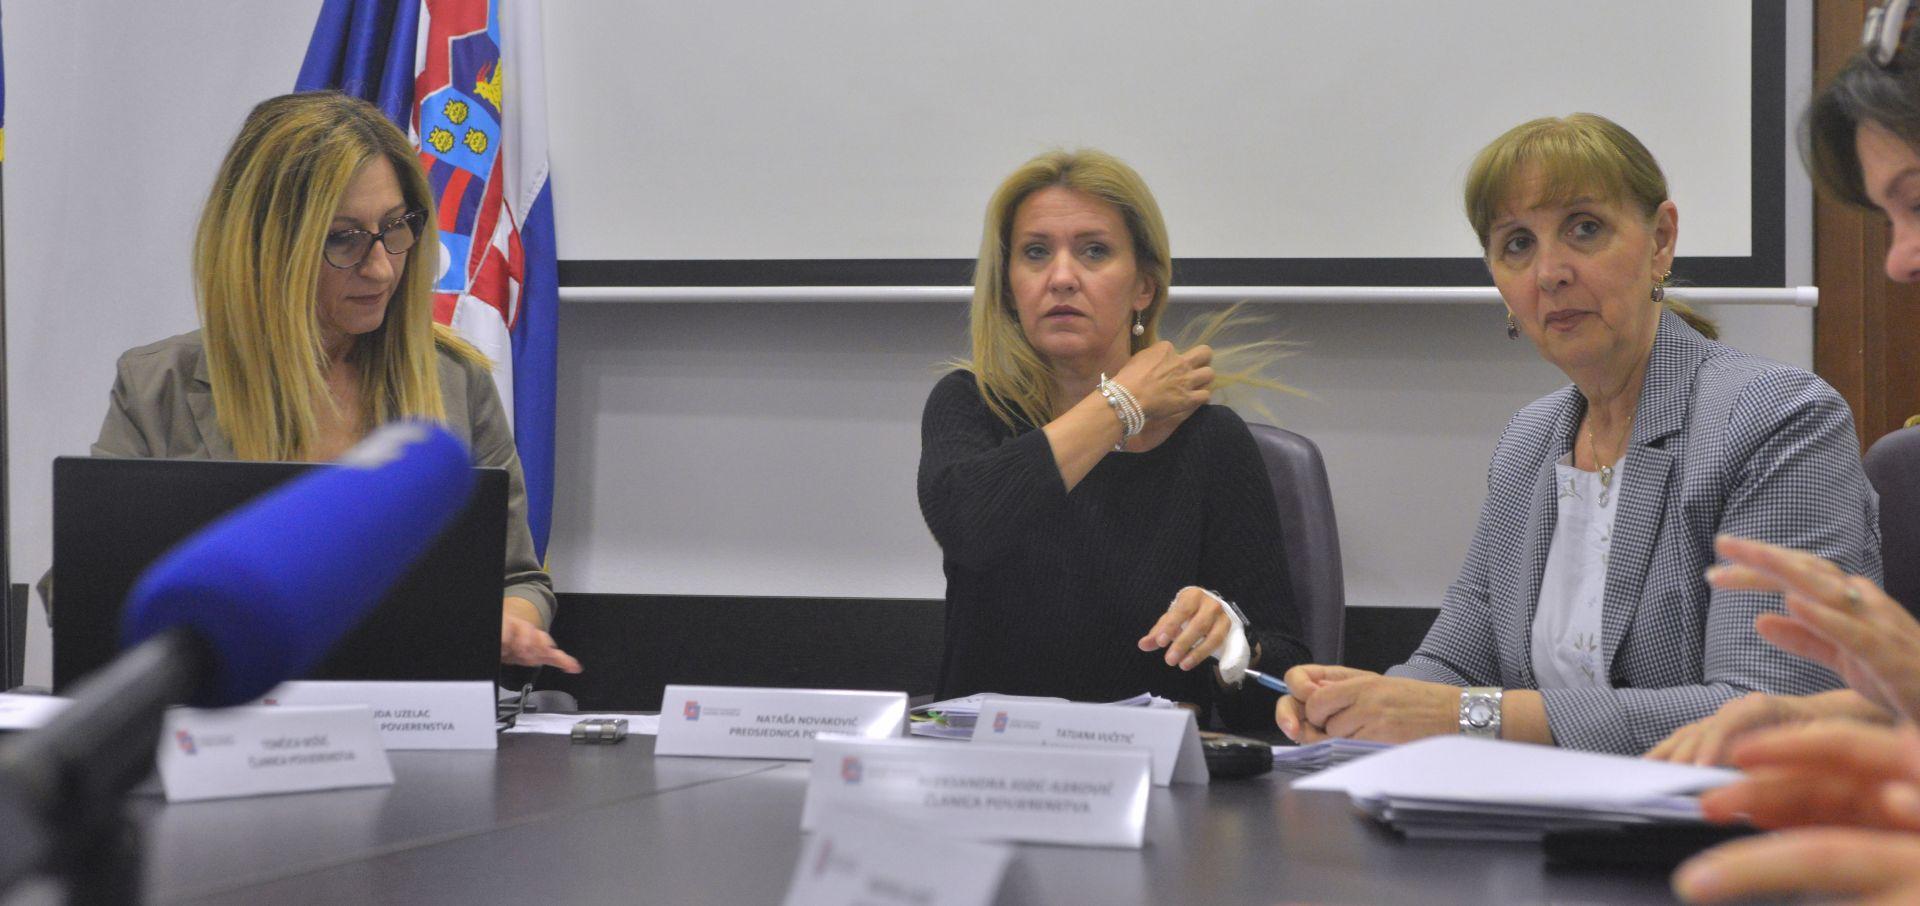 Povjerenstvo za sukob interesa pokrenulo postupak protiv Hrvoja Runtića